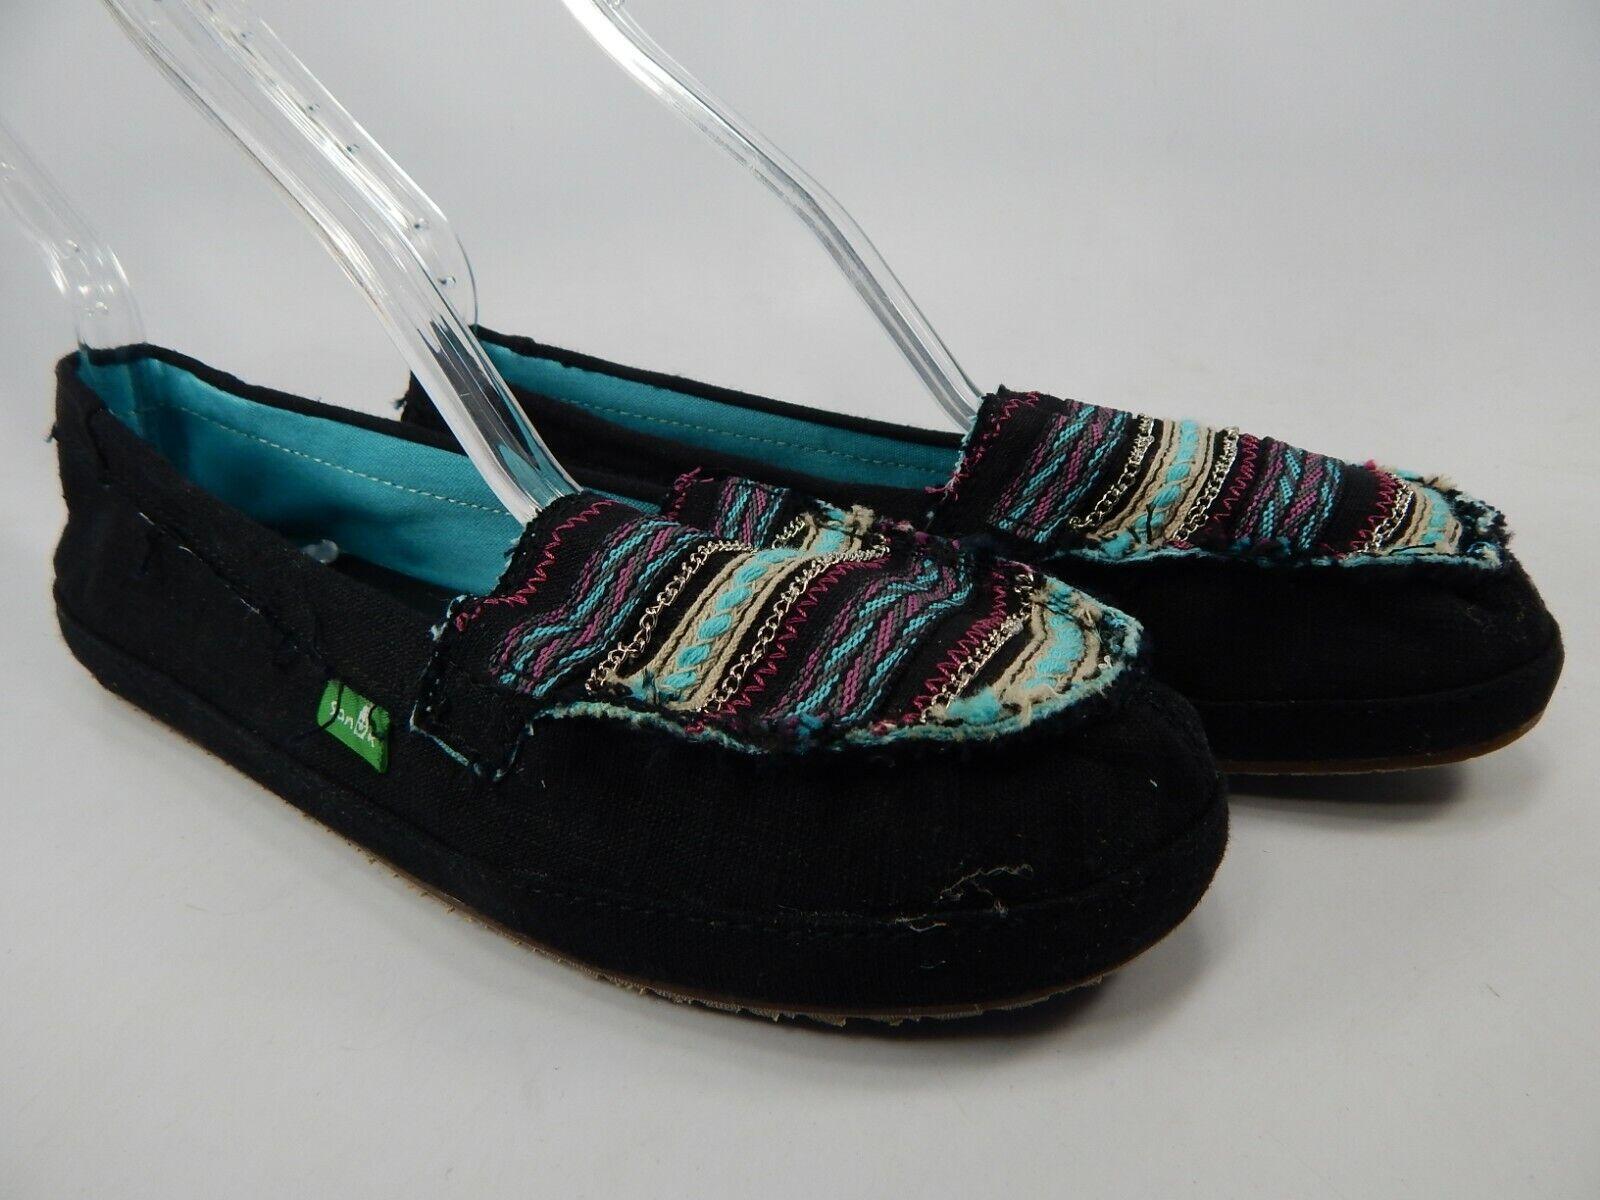 Sanuk Zu Zu Trougetoir Surfeurs Taille 7 M (B) Ue 38 femmes chaussures à Enfiler